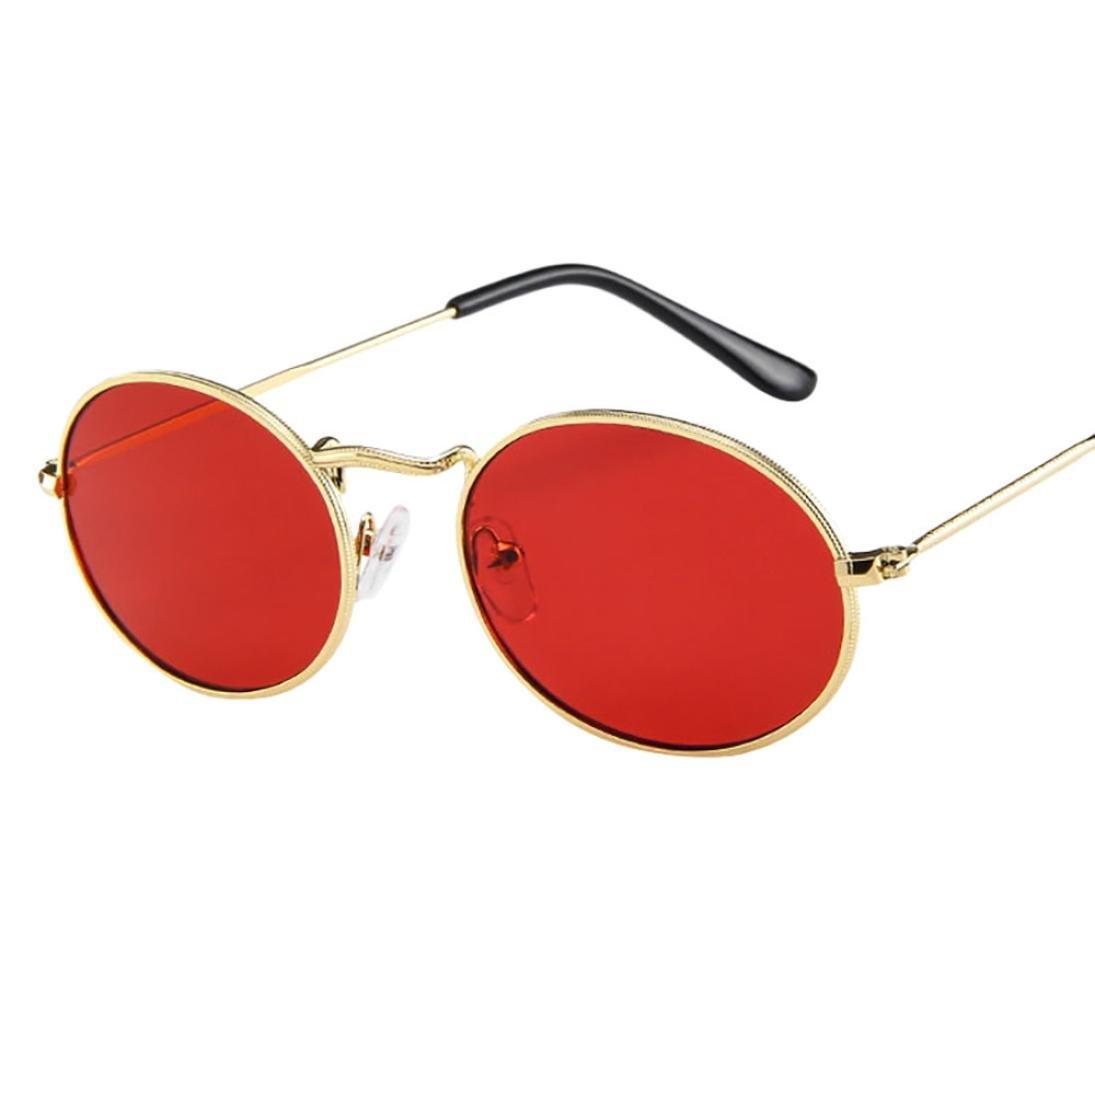 Lunettes de soleil Unisexe Longra Vintage Retro ovale Des lunettes de soleil  Ellipse Métal Lunettes à monture Lunettes de Soleil Polarisées Lunettes de  ... 37085e967680